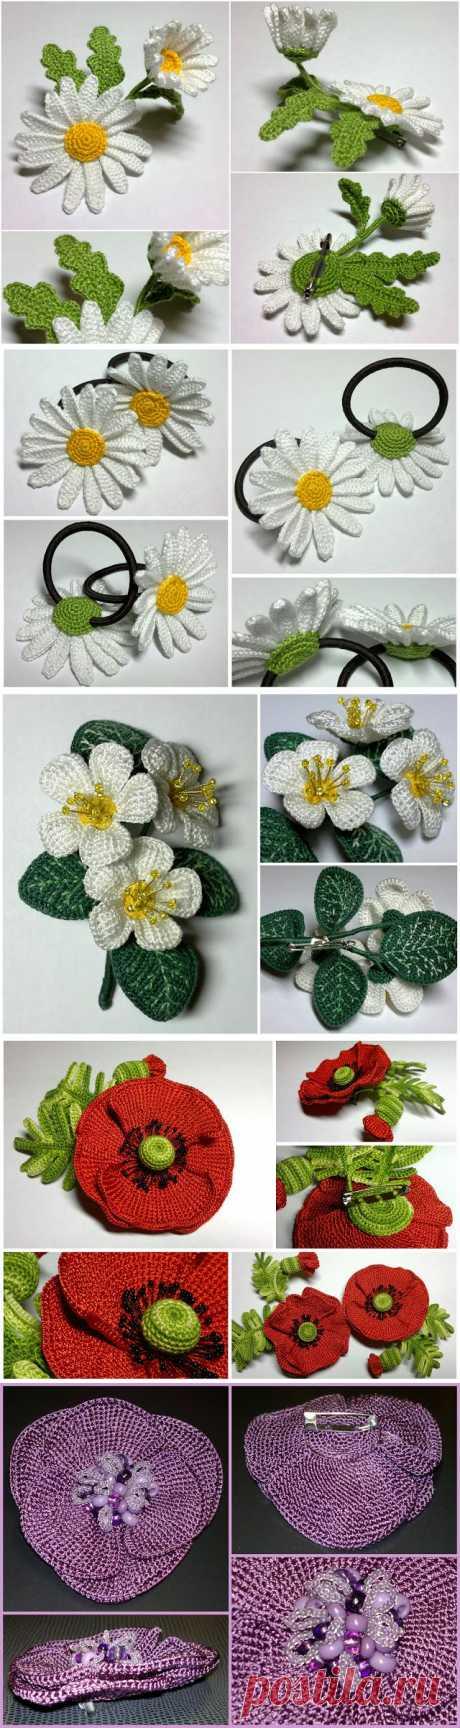 удивительные цветы от КСЕНИИ.